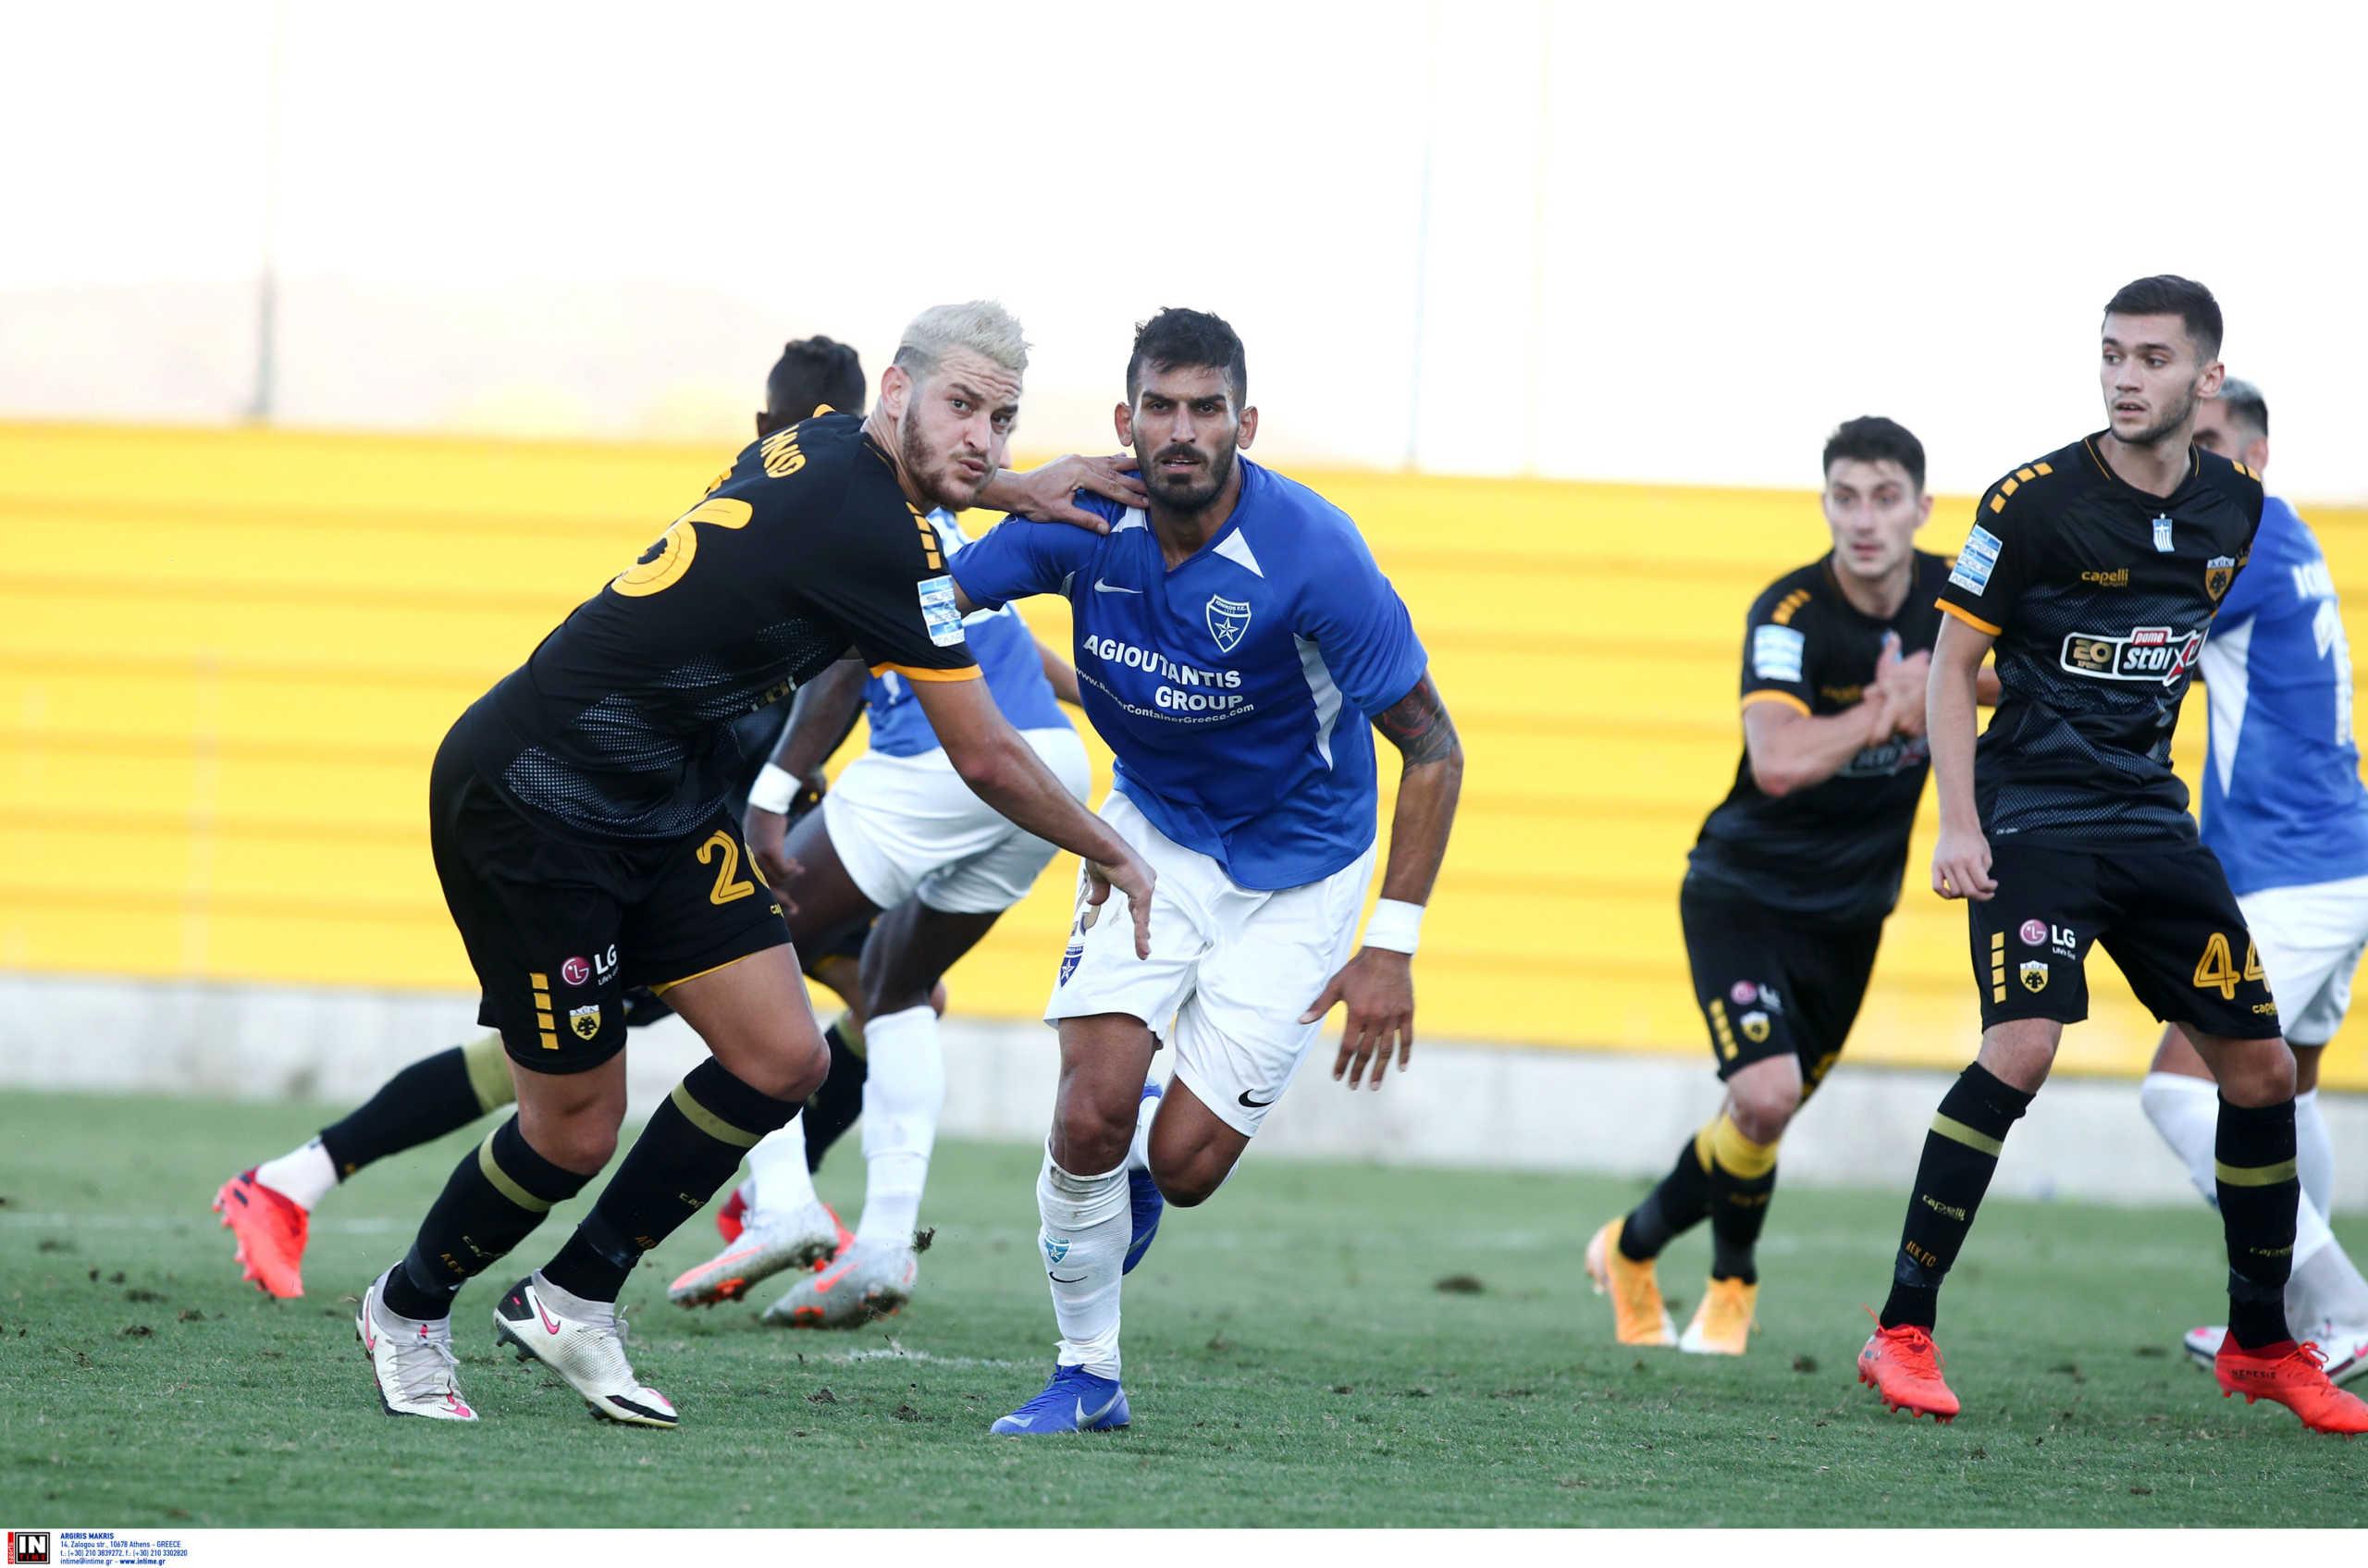 """ΑΕΚ: """"Ντεμπούτο"""" για Νεντελτσιάρου και γκολ από Χνιντ στο φιλικό με Ιωνικό (pics)"""